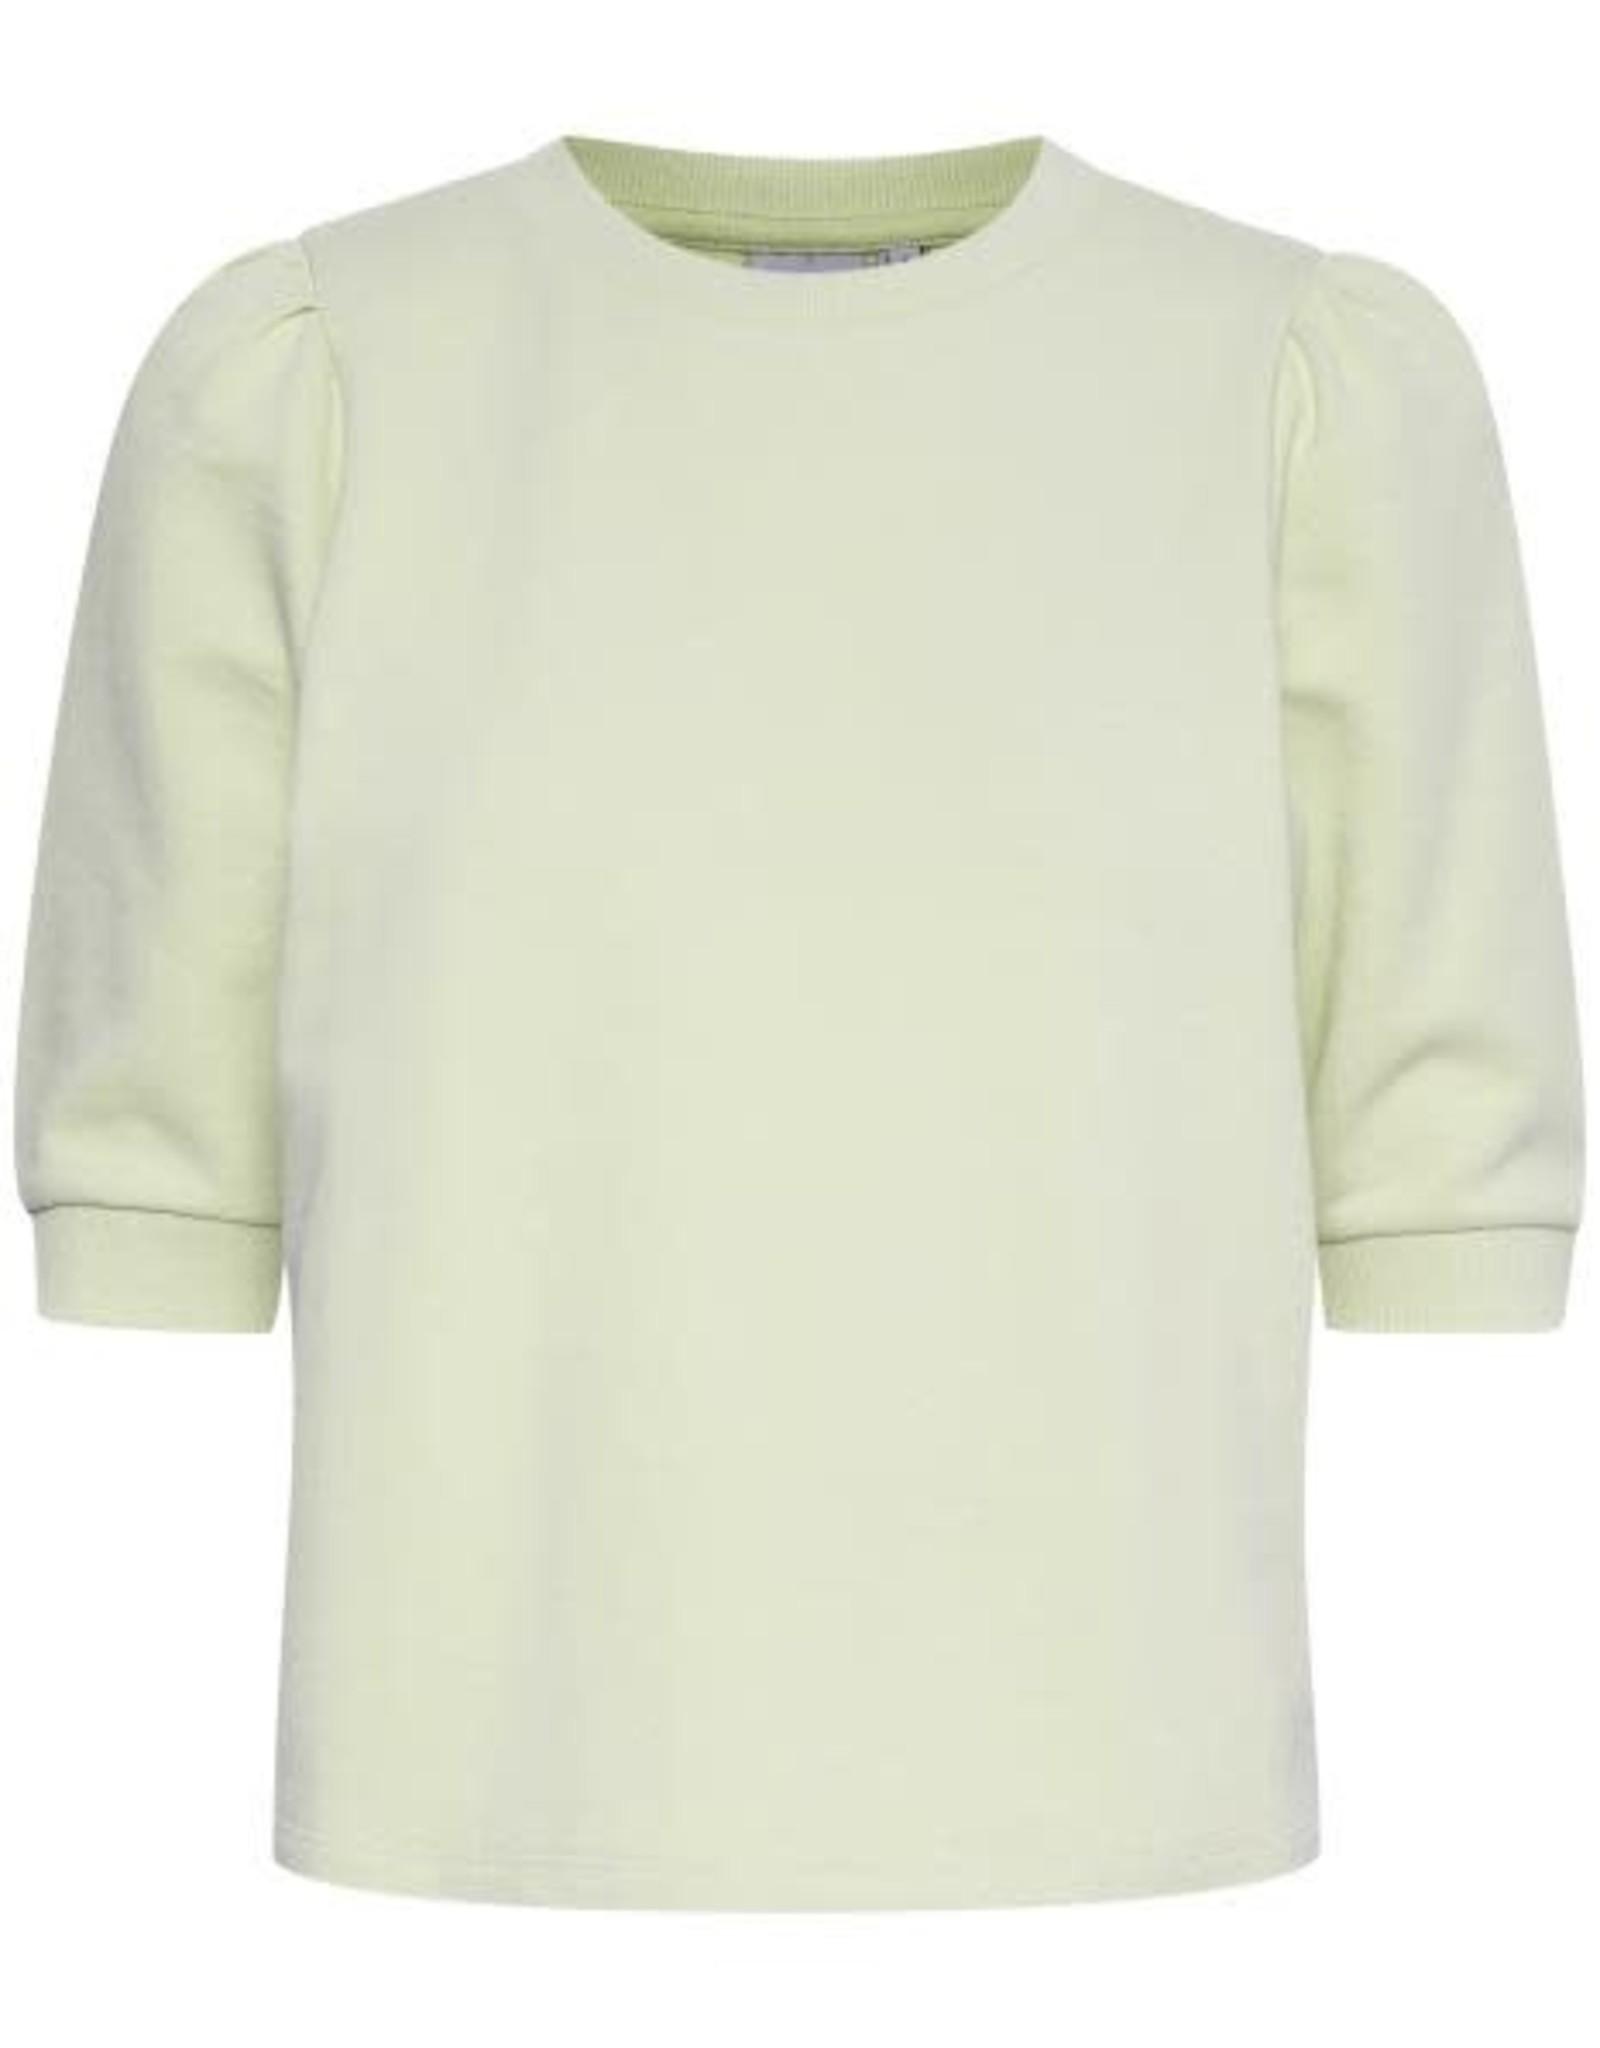 Ichi ICHI Ihyarlet Sweater